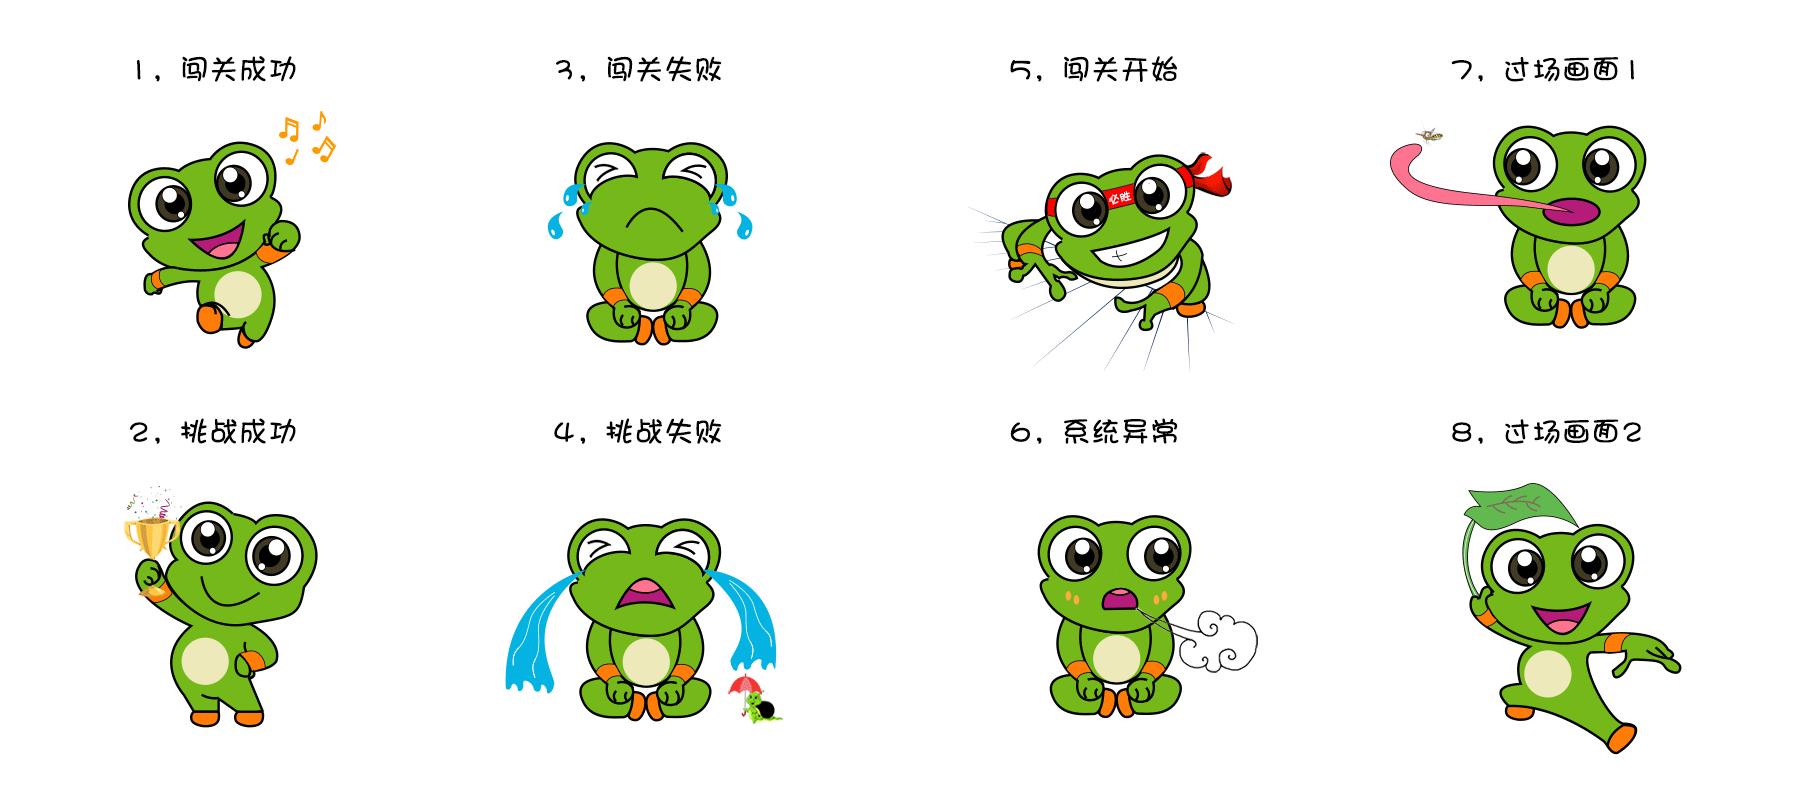 一只青蛙的表情包圖片